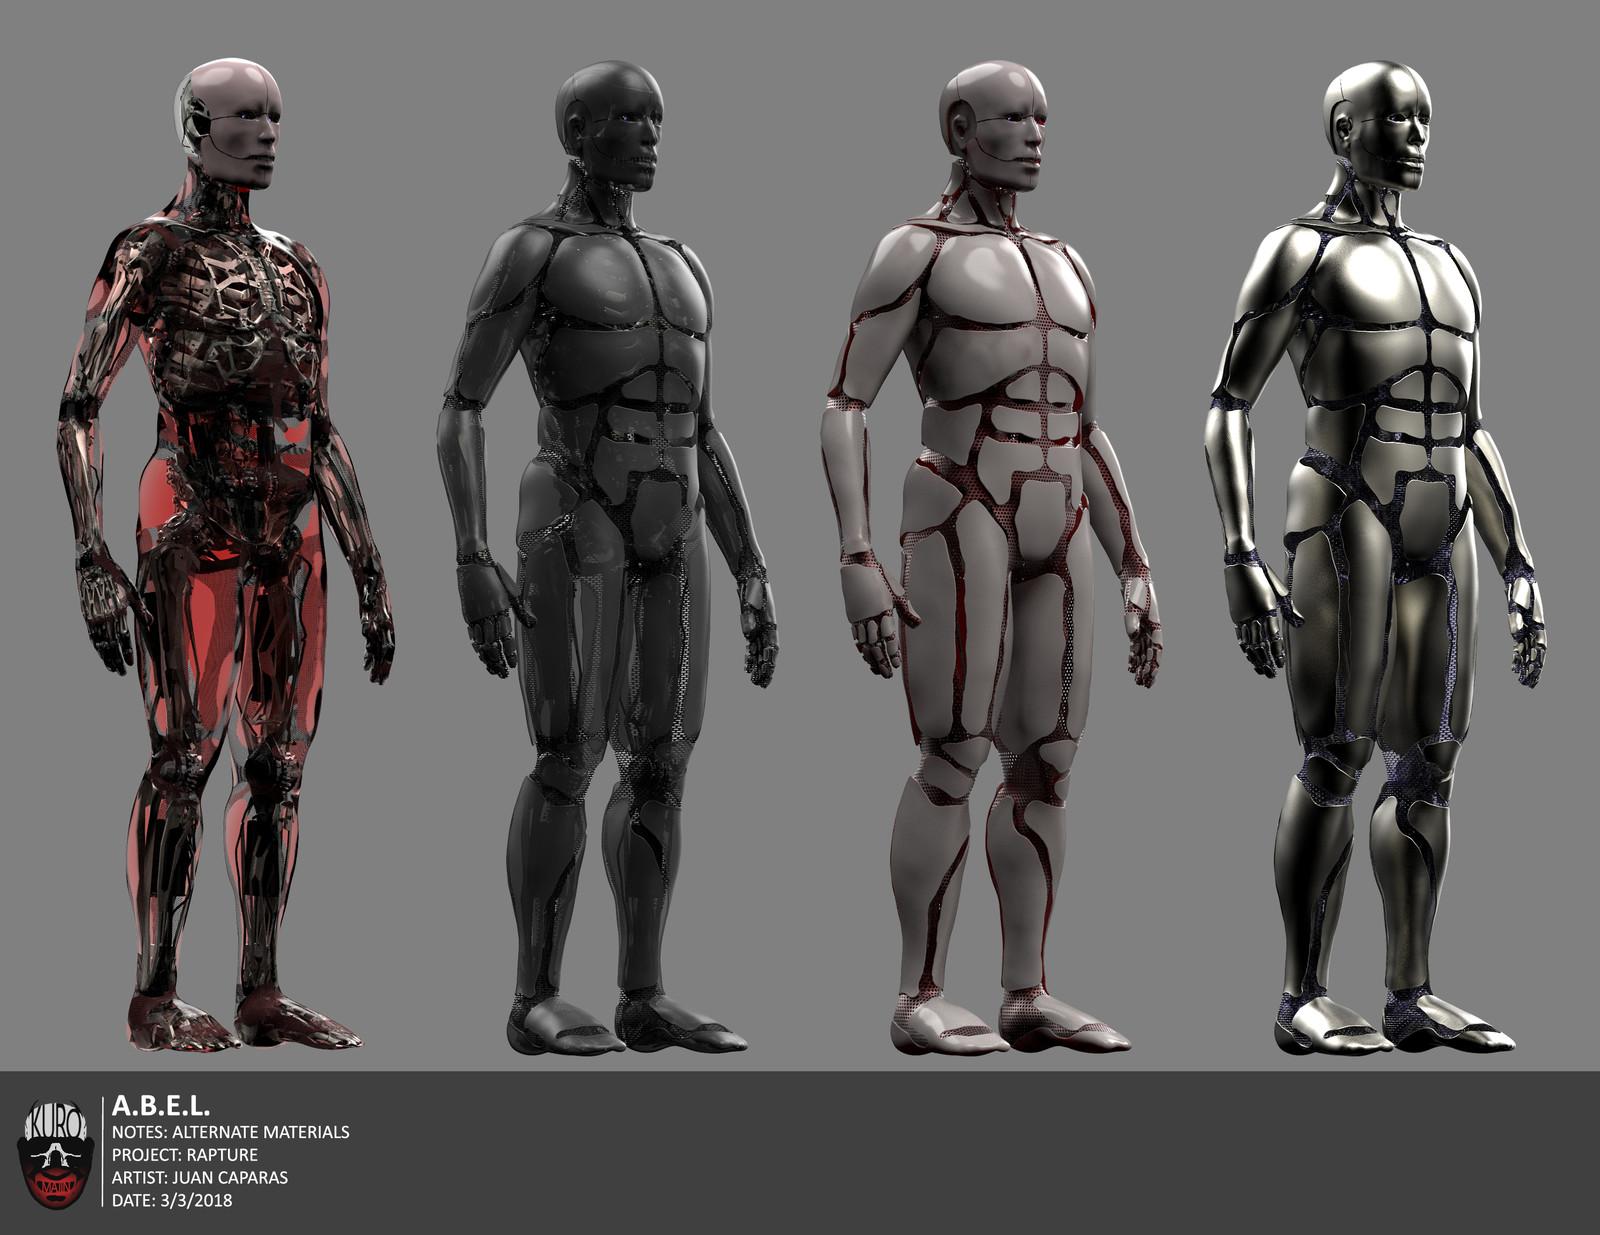 A.B.E.L. Concept Art 2 | Kuro Majin Productions